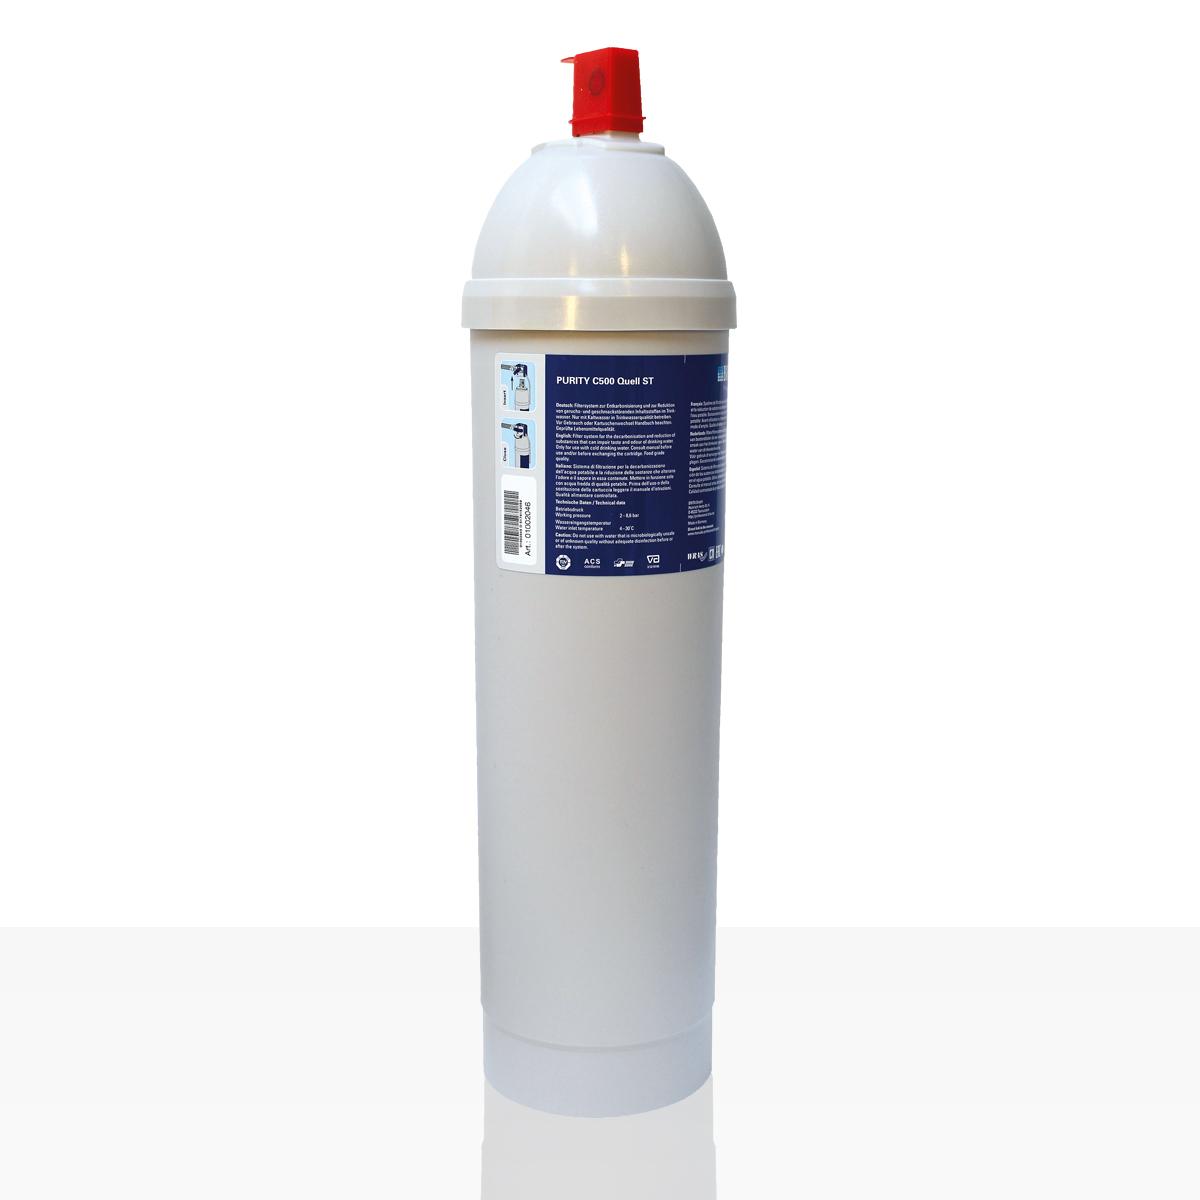 Brita Purity C 500 Quell ST Filterkartusche